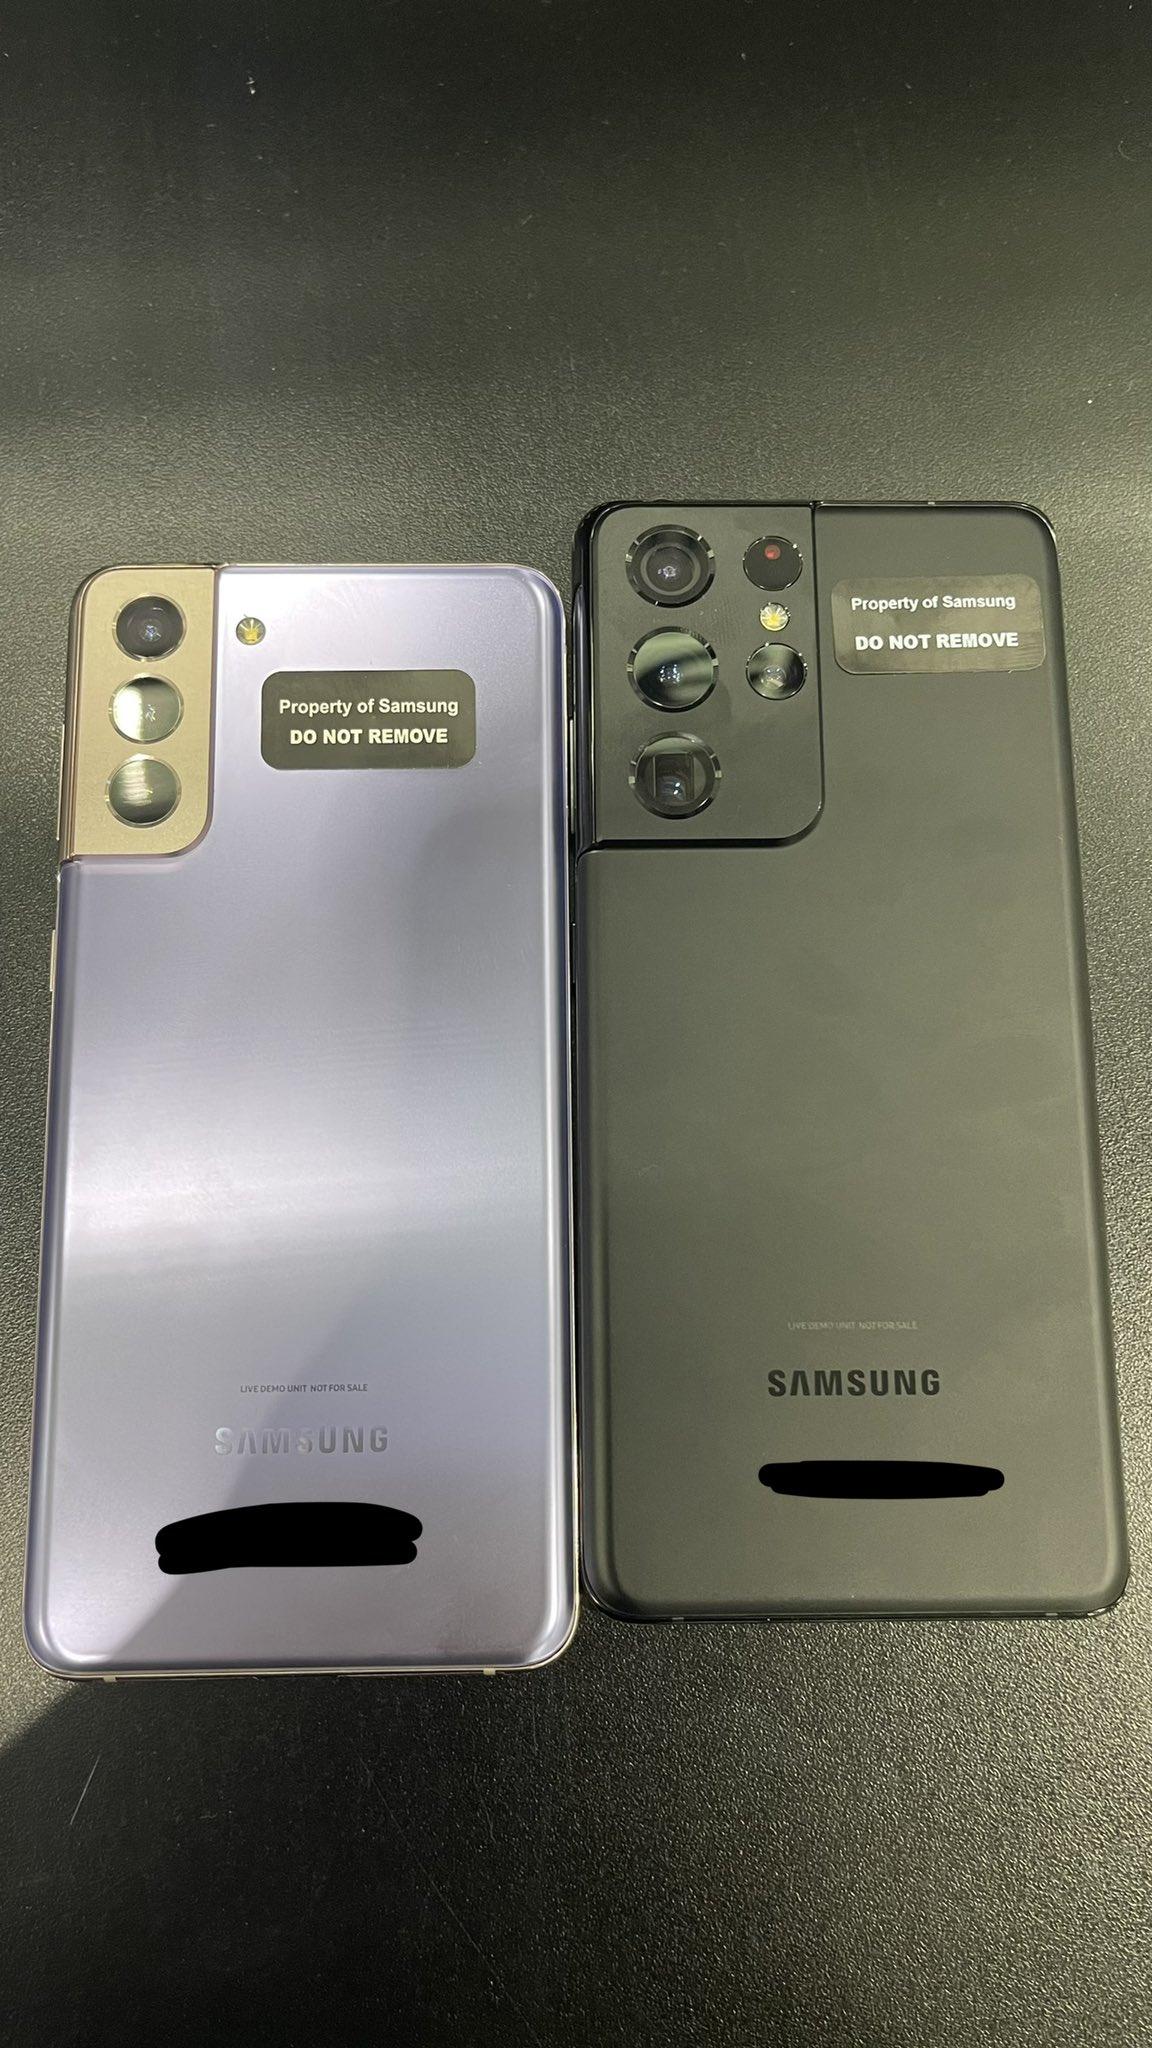 Καμαρώστε λίγο πριν την παρουσίασή τους τα νέα μοντέλα της σειράς Samsung Galaxy S21 που δεν θα δέχονται κάρτες microSD 2